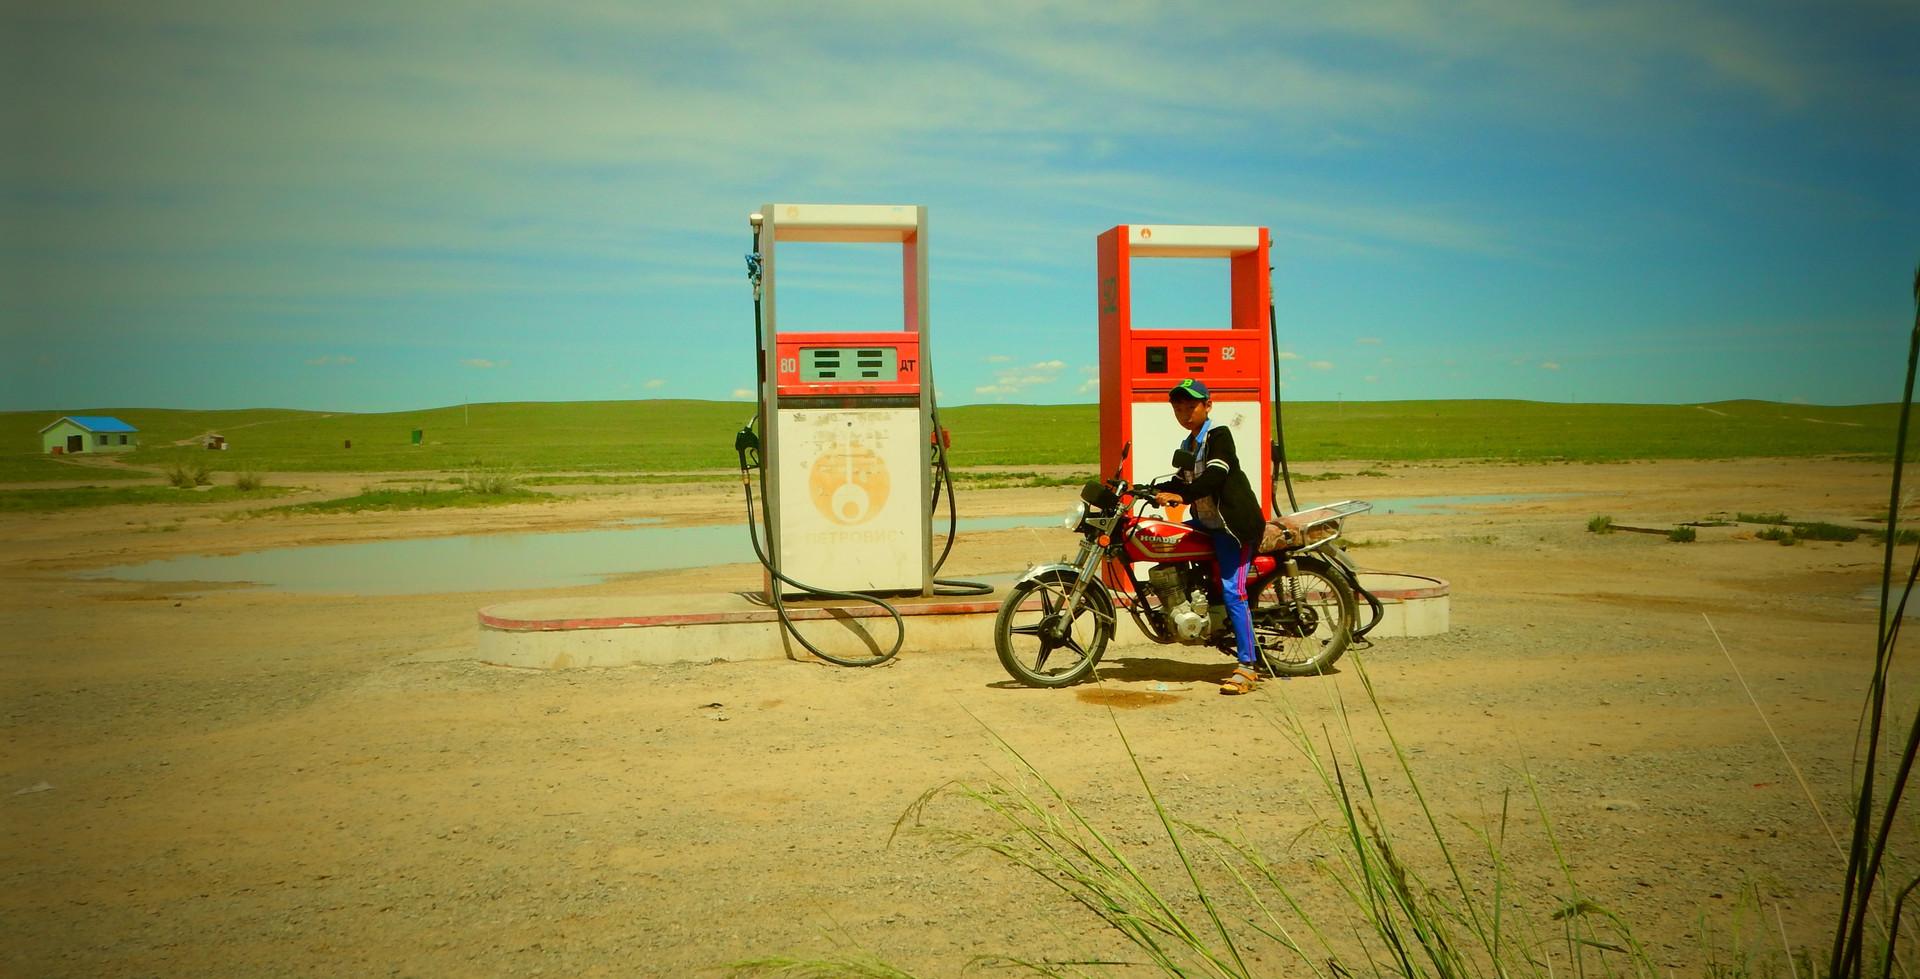 Moto, Mongolie